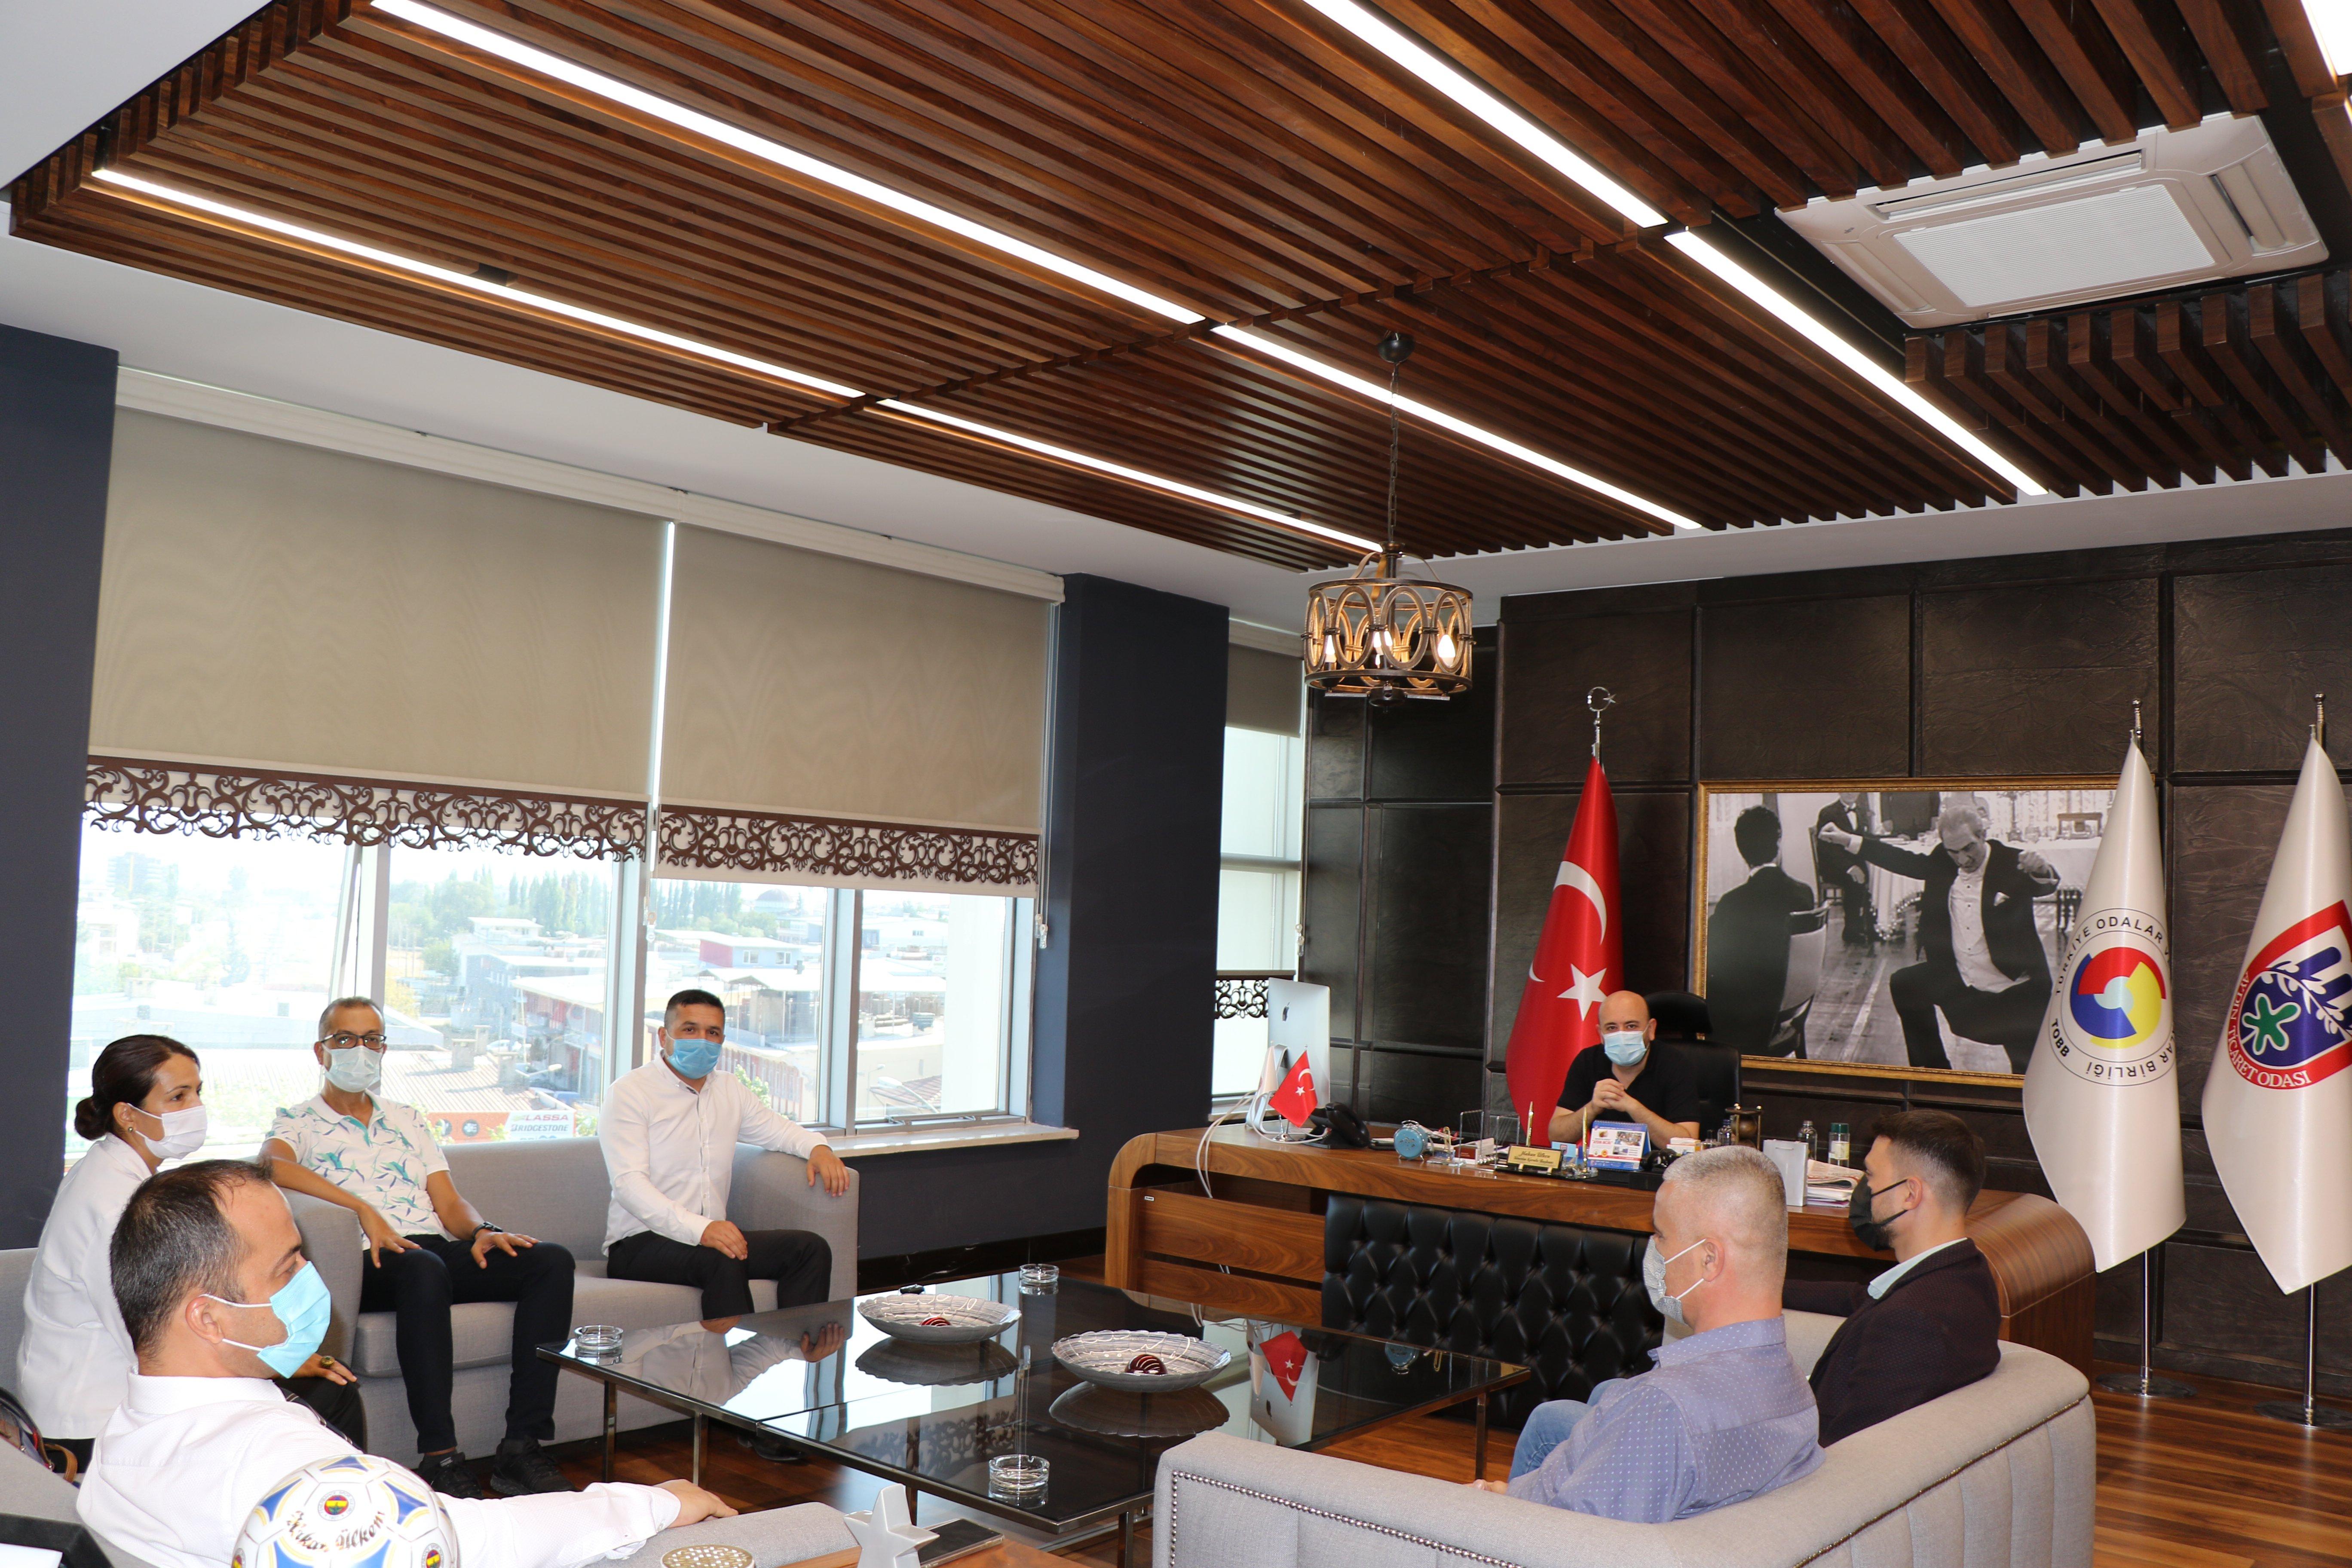 Eğitim- Bir-Sen Aydın Şubesi Başkanı Fatih TAŞPINAR ve Şube yetkilileri, TOBB Yönetim Kurulu Üyesi ve Odamız Başkanı Hakan ÜLKEN' i makamında ziyaret etti.